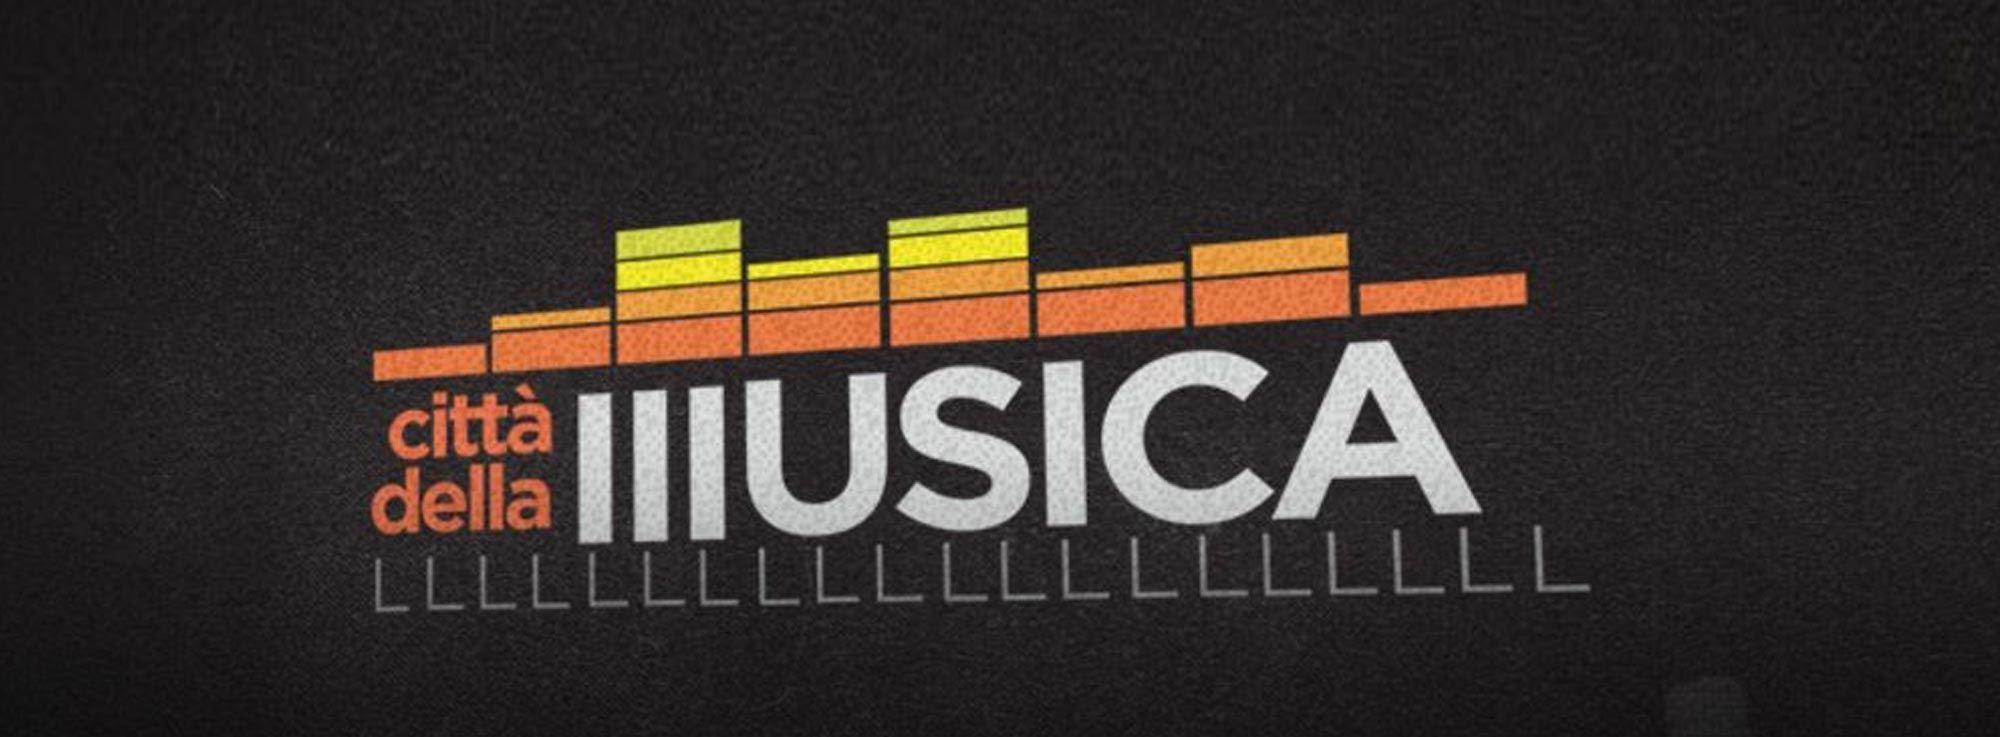 Squinzano: Città della musica